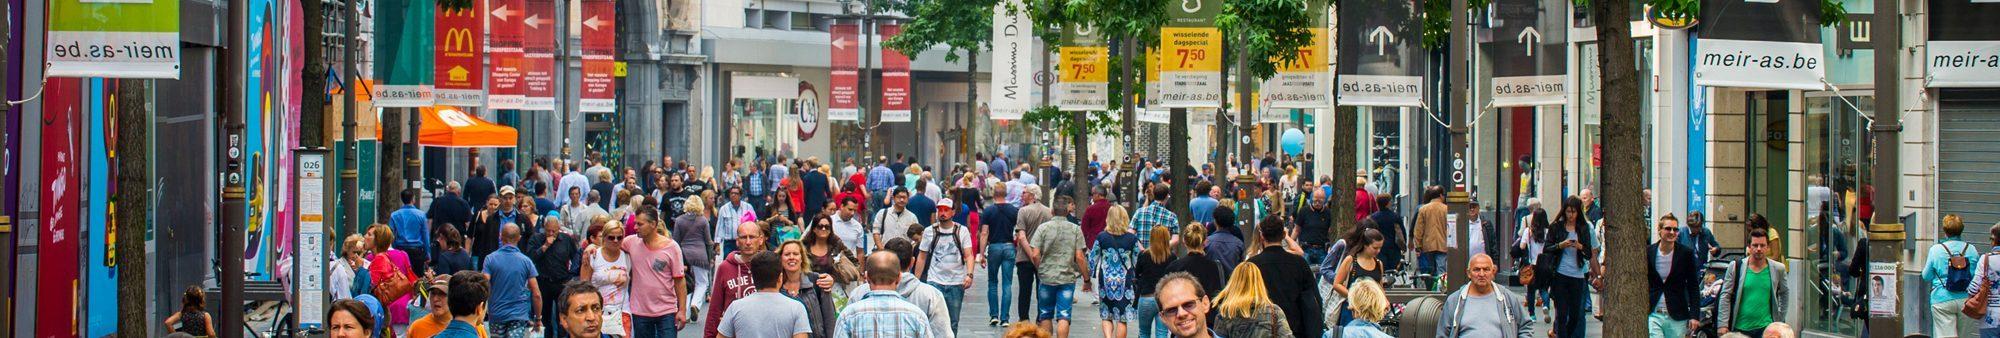 Winkelen in Antwerpen